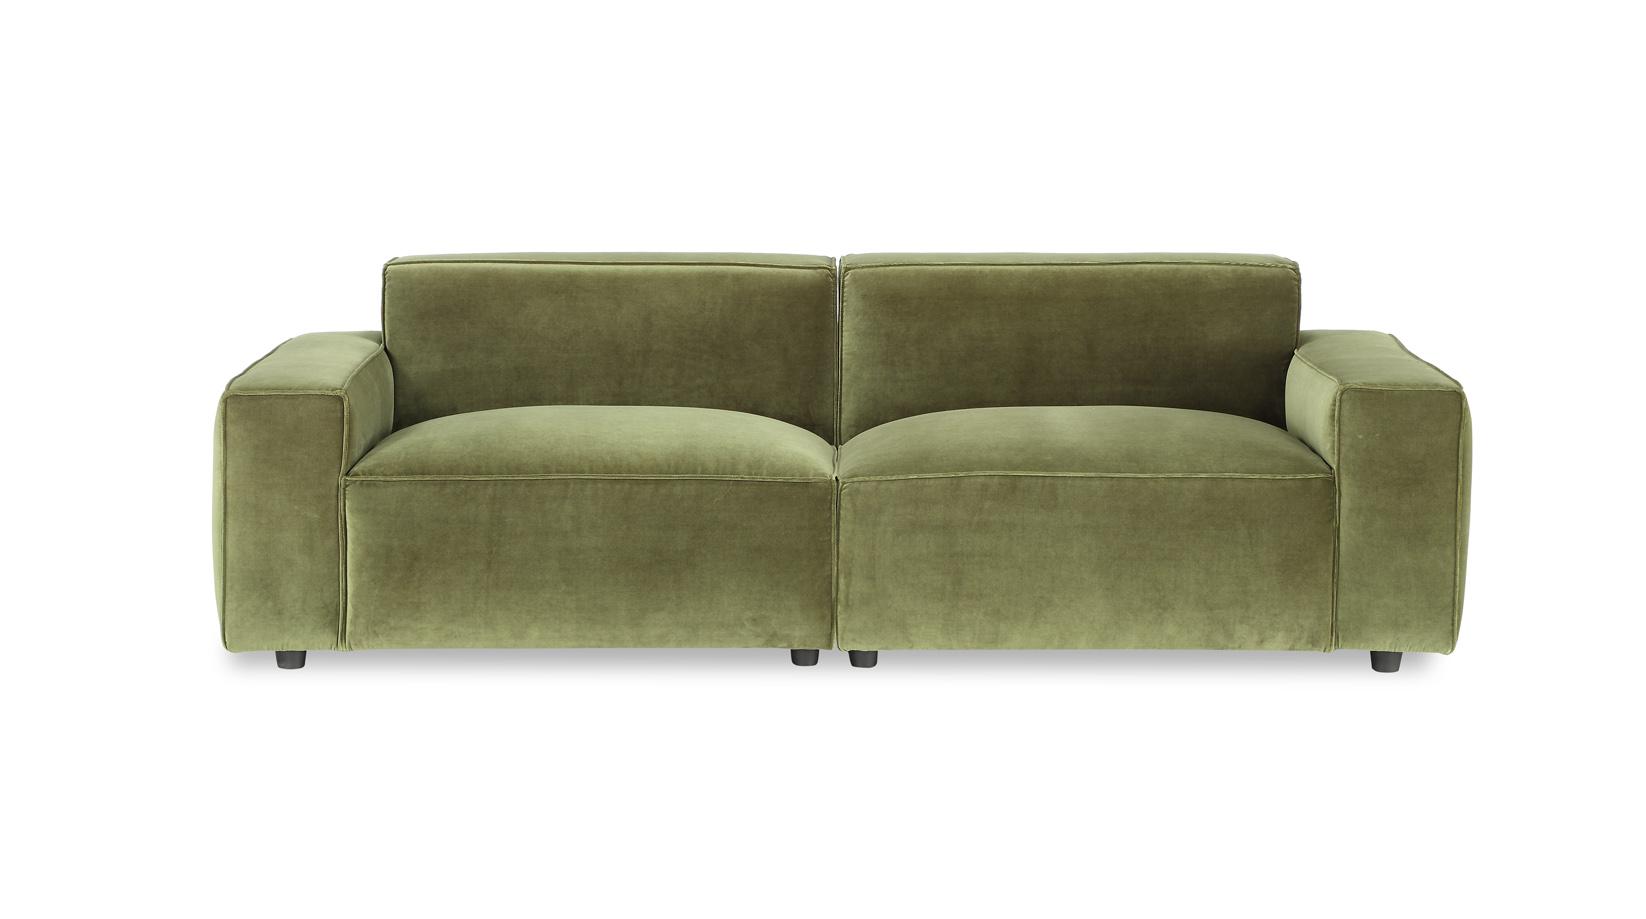 A.R.T. Furniture Olafur sofa